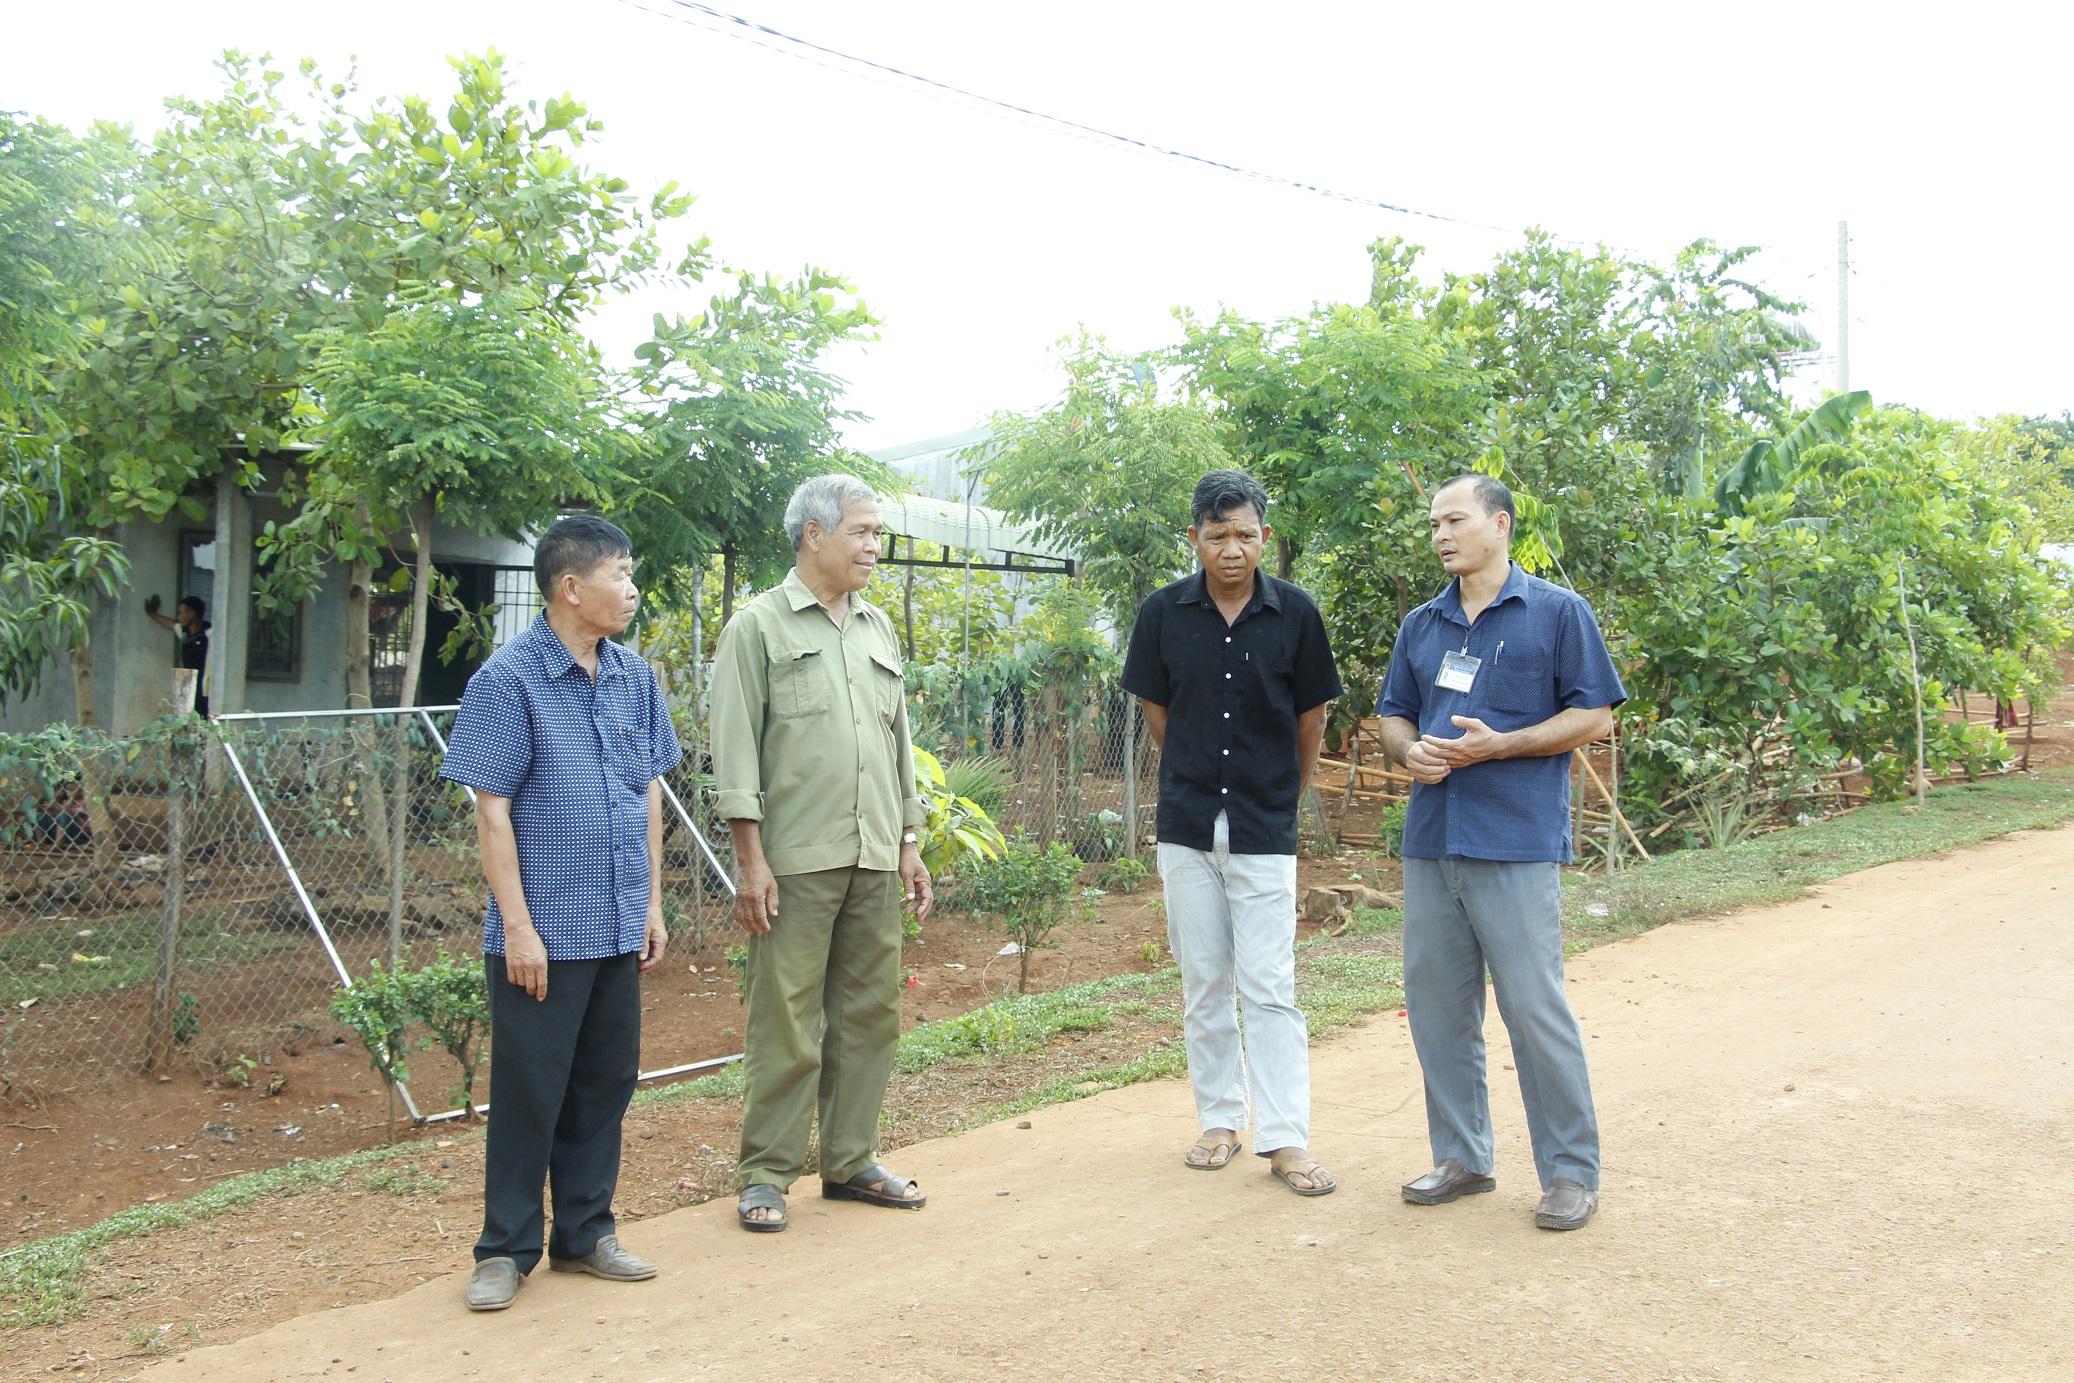 Ông Trần Đại Lợi (đầu tiên bên phải), Phó chủ tịch xã Phú Nghĩa trao đổi với cán bộ thôn Hai Căn